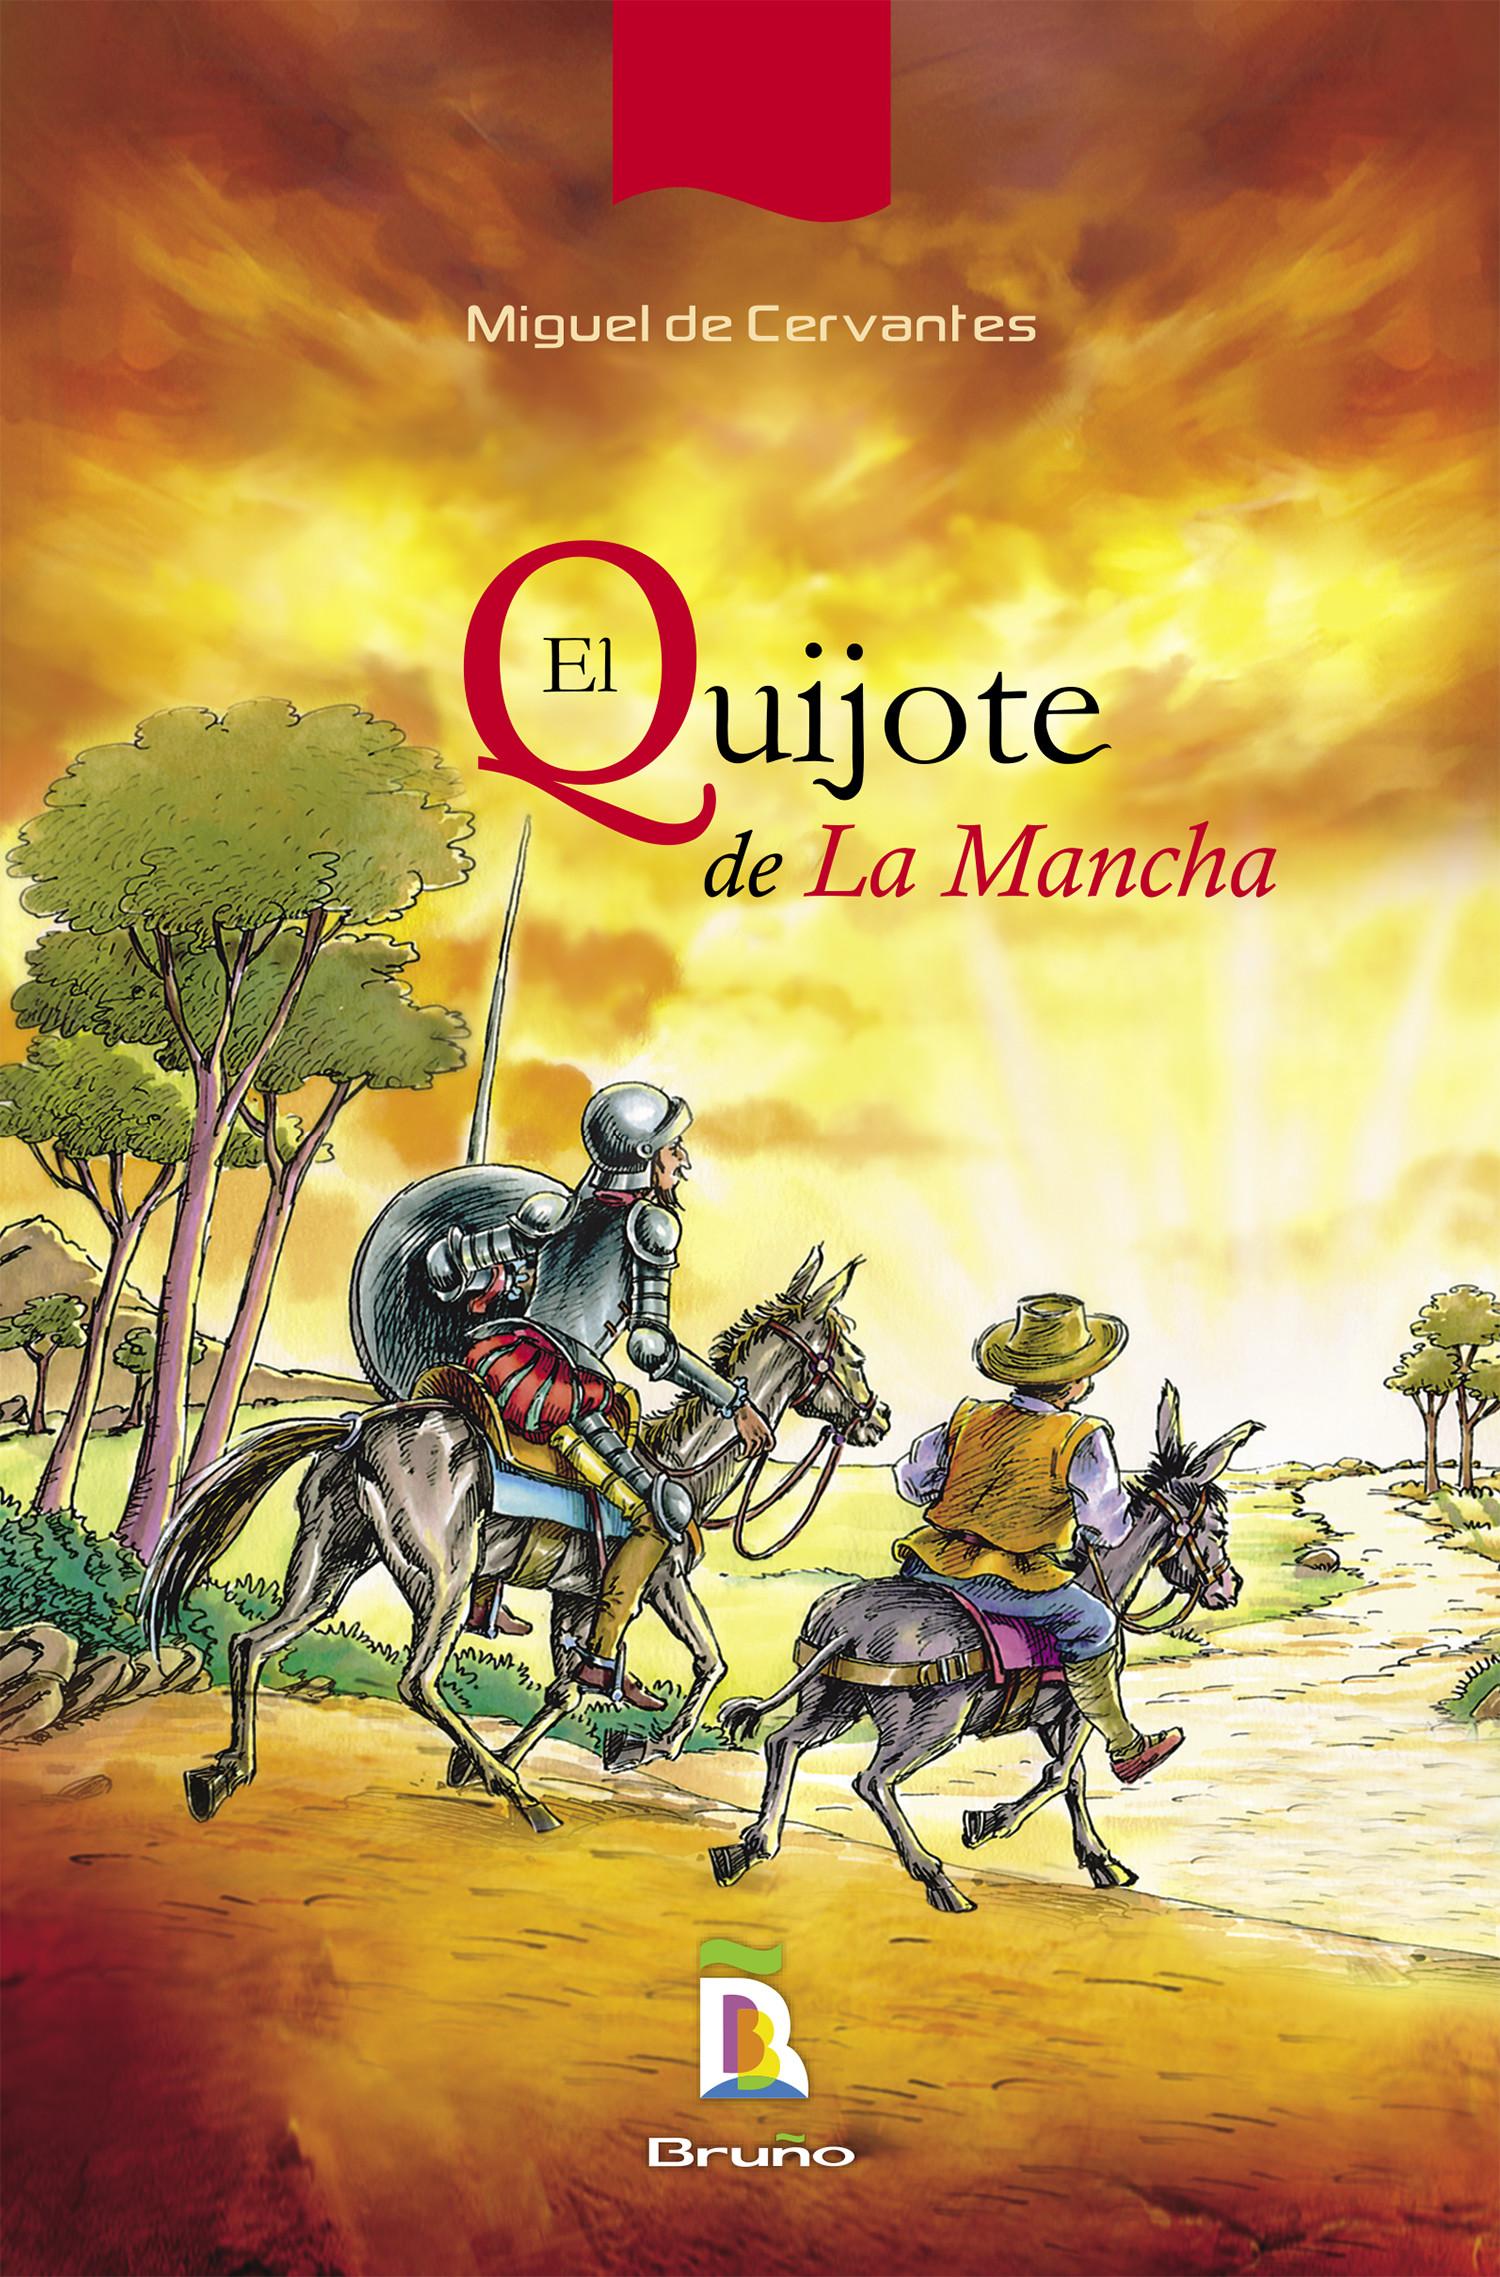 El Quijote de La Mancha